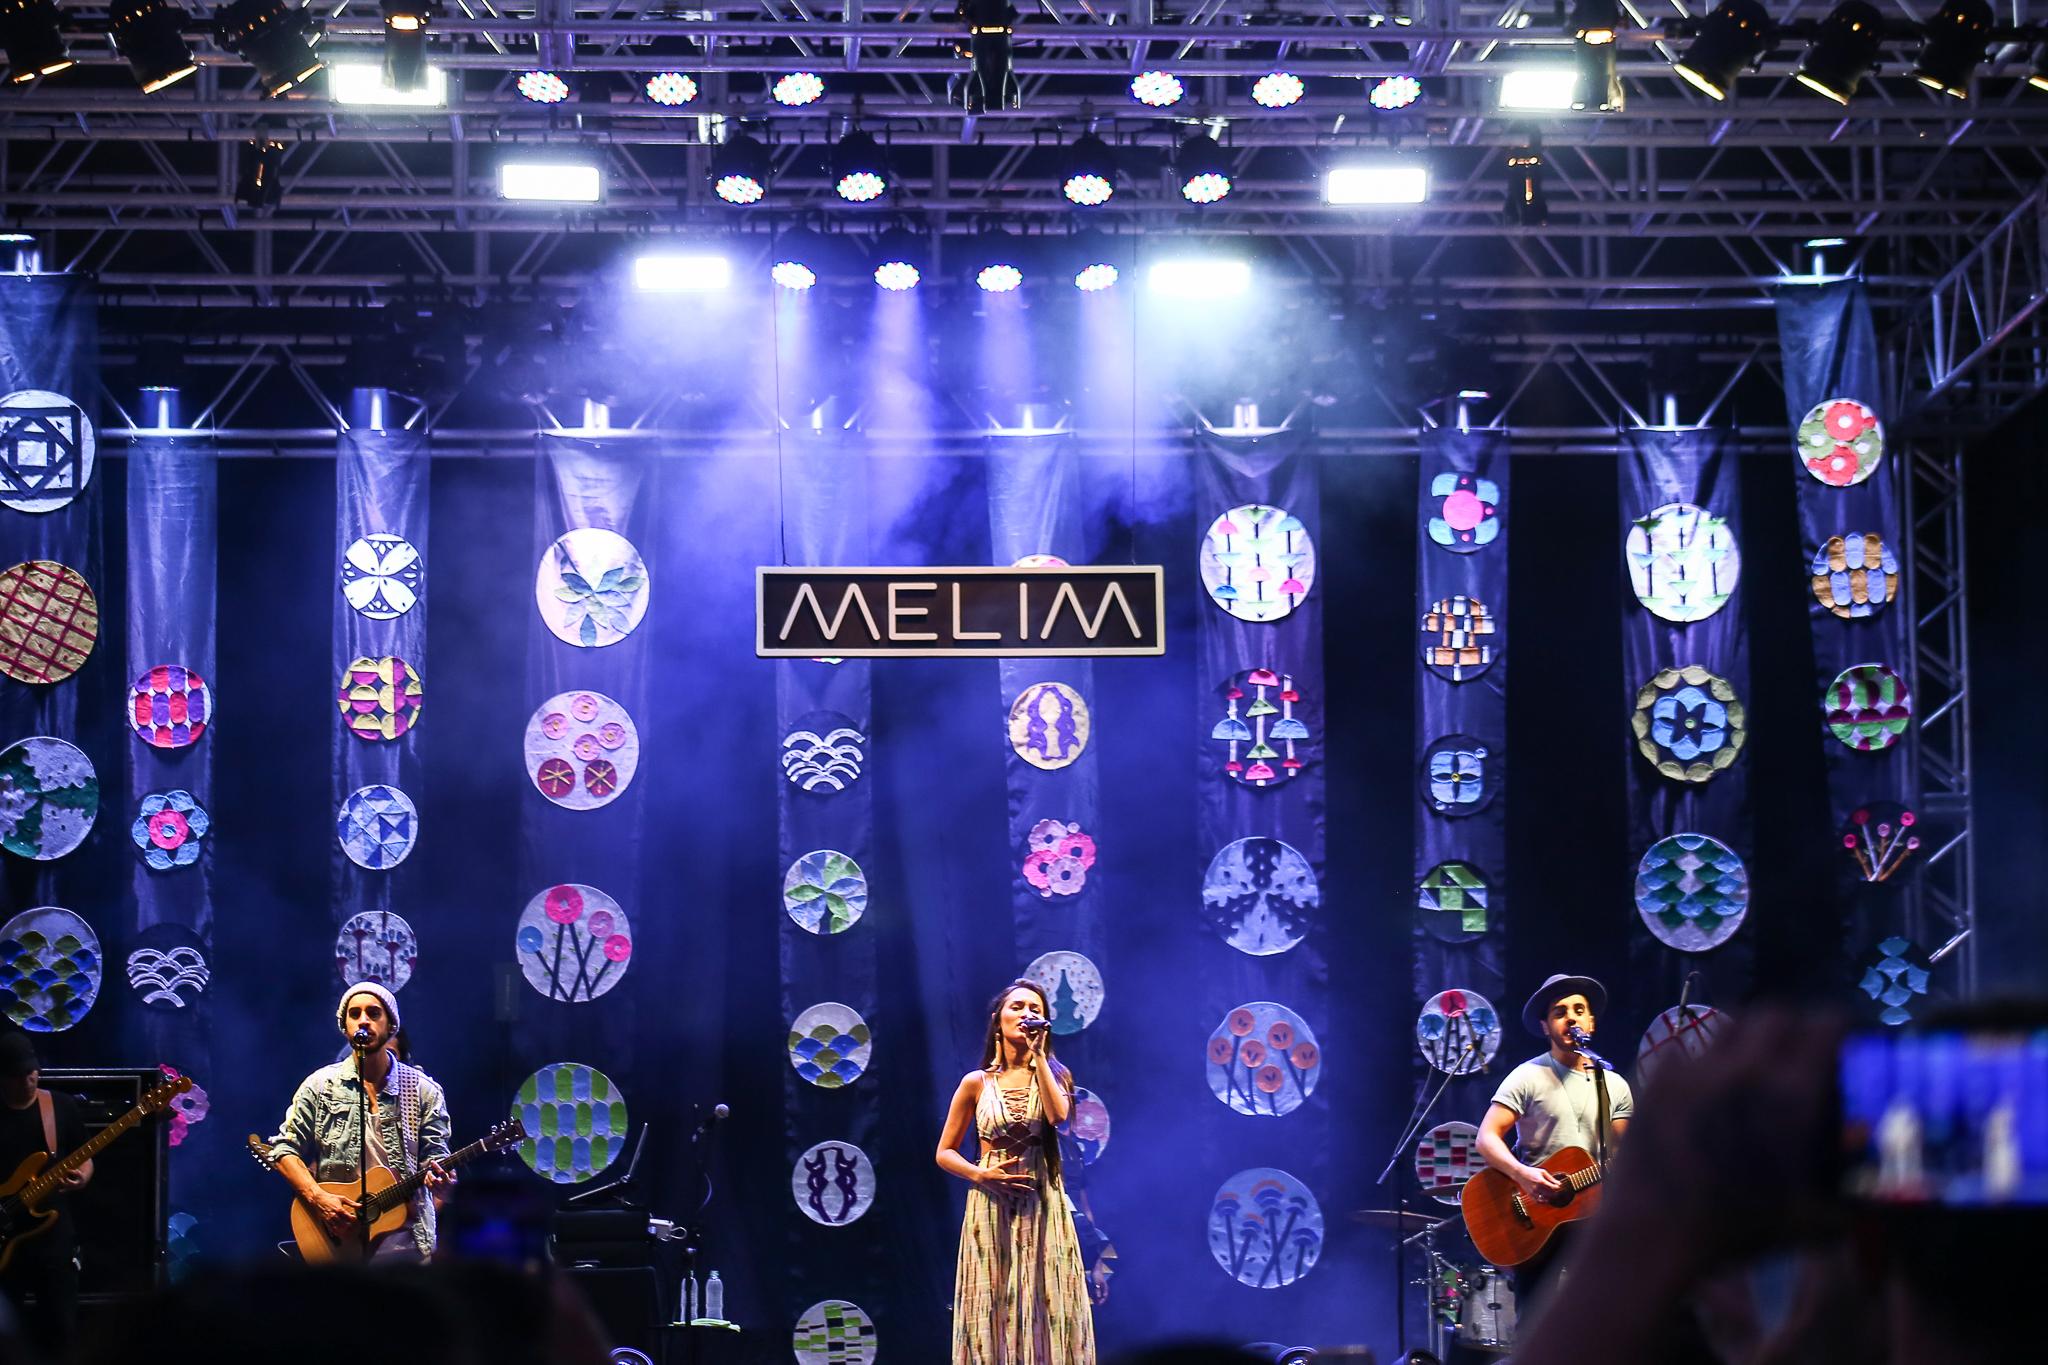 Fotos Farra Fest – Melim, H2k e Diva Drive – 21 de Outubro de 2019